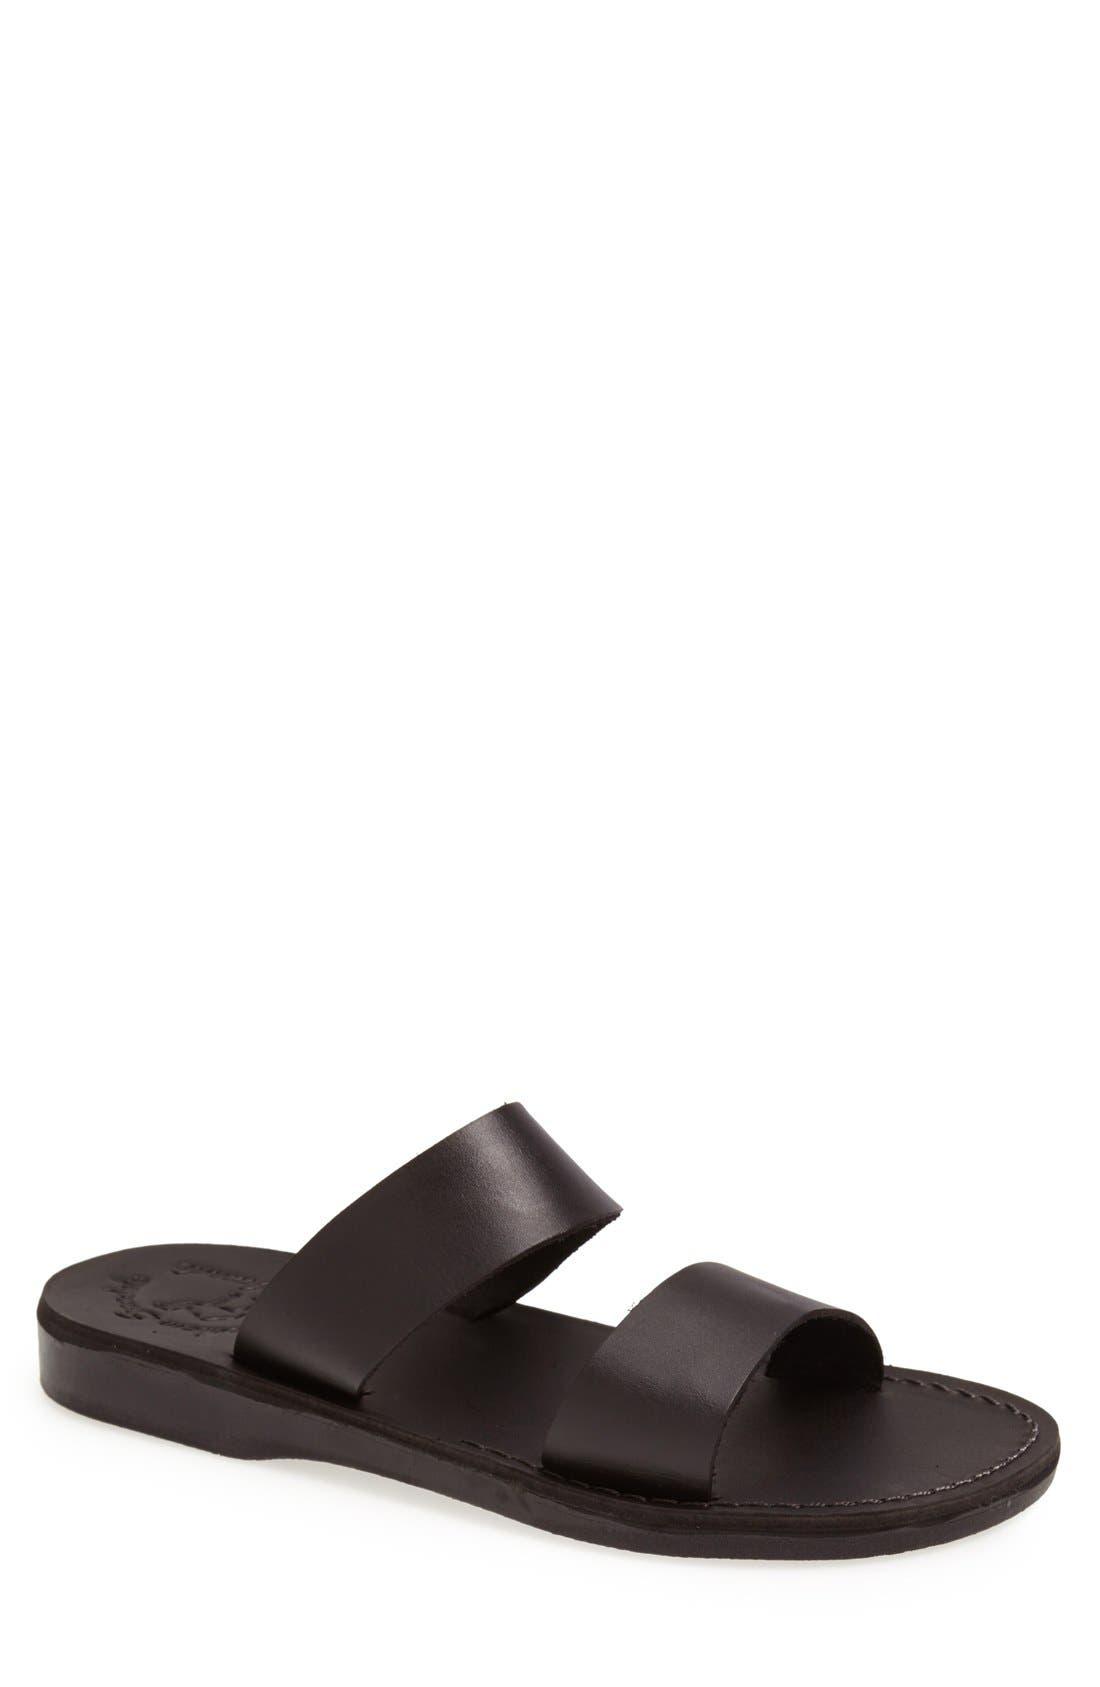 'Aviv' Leather Sandal